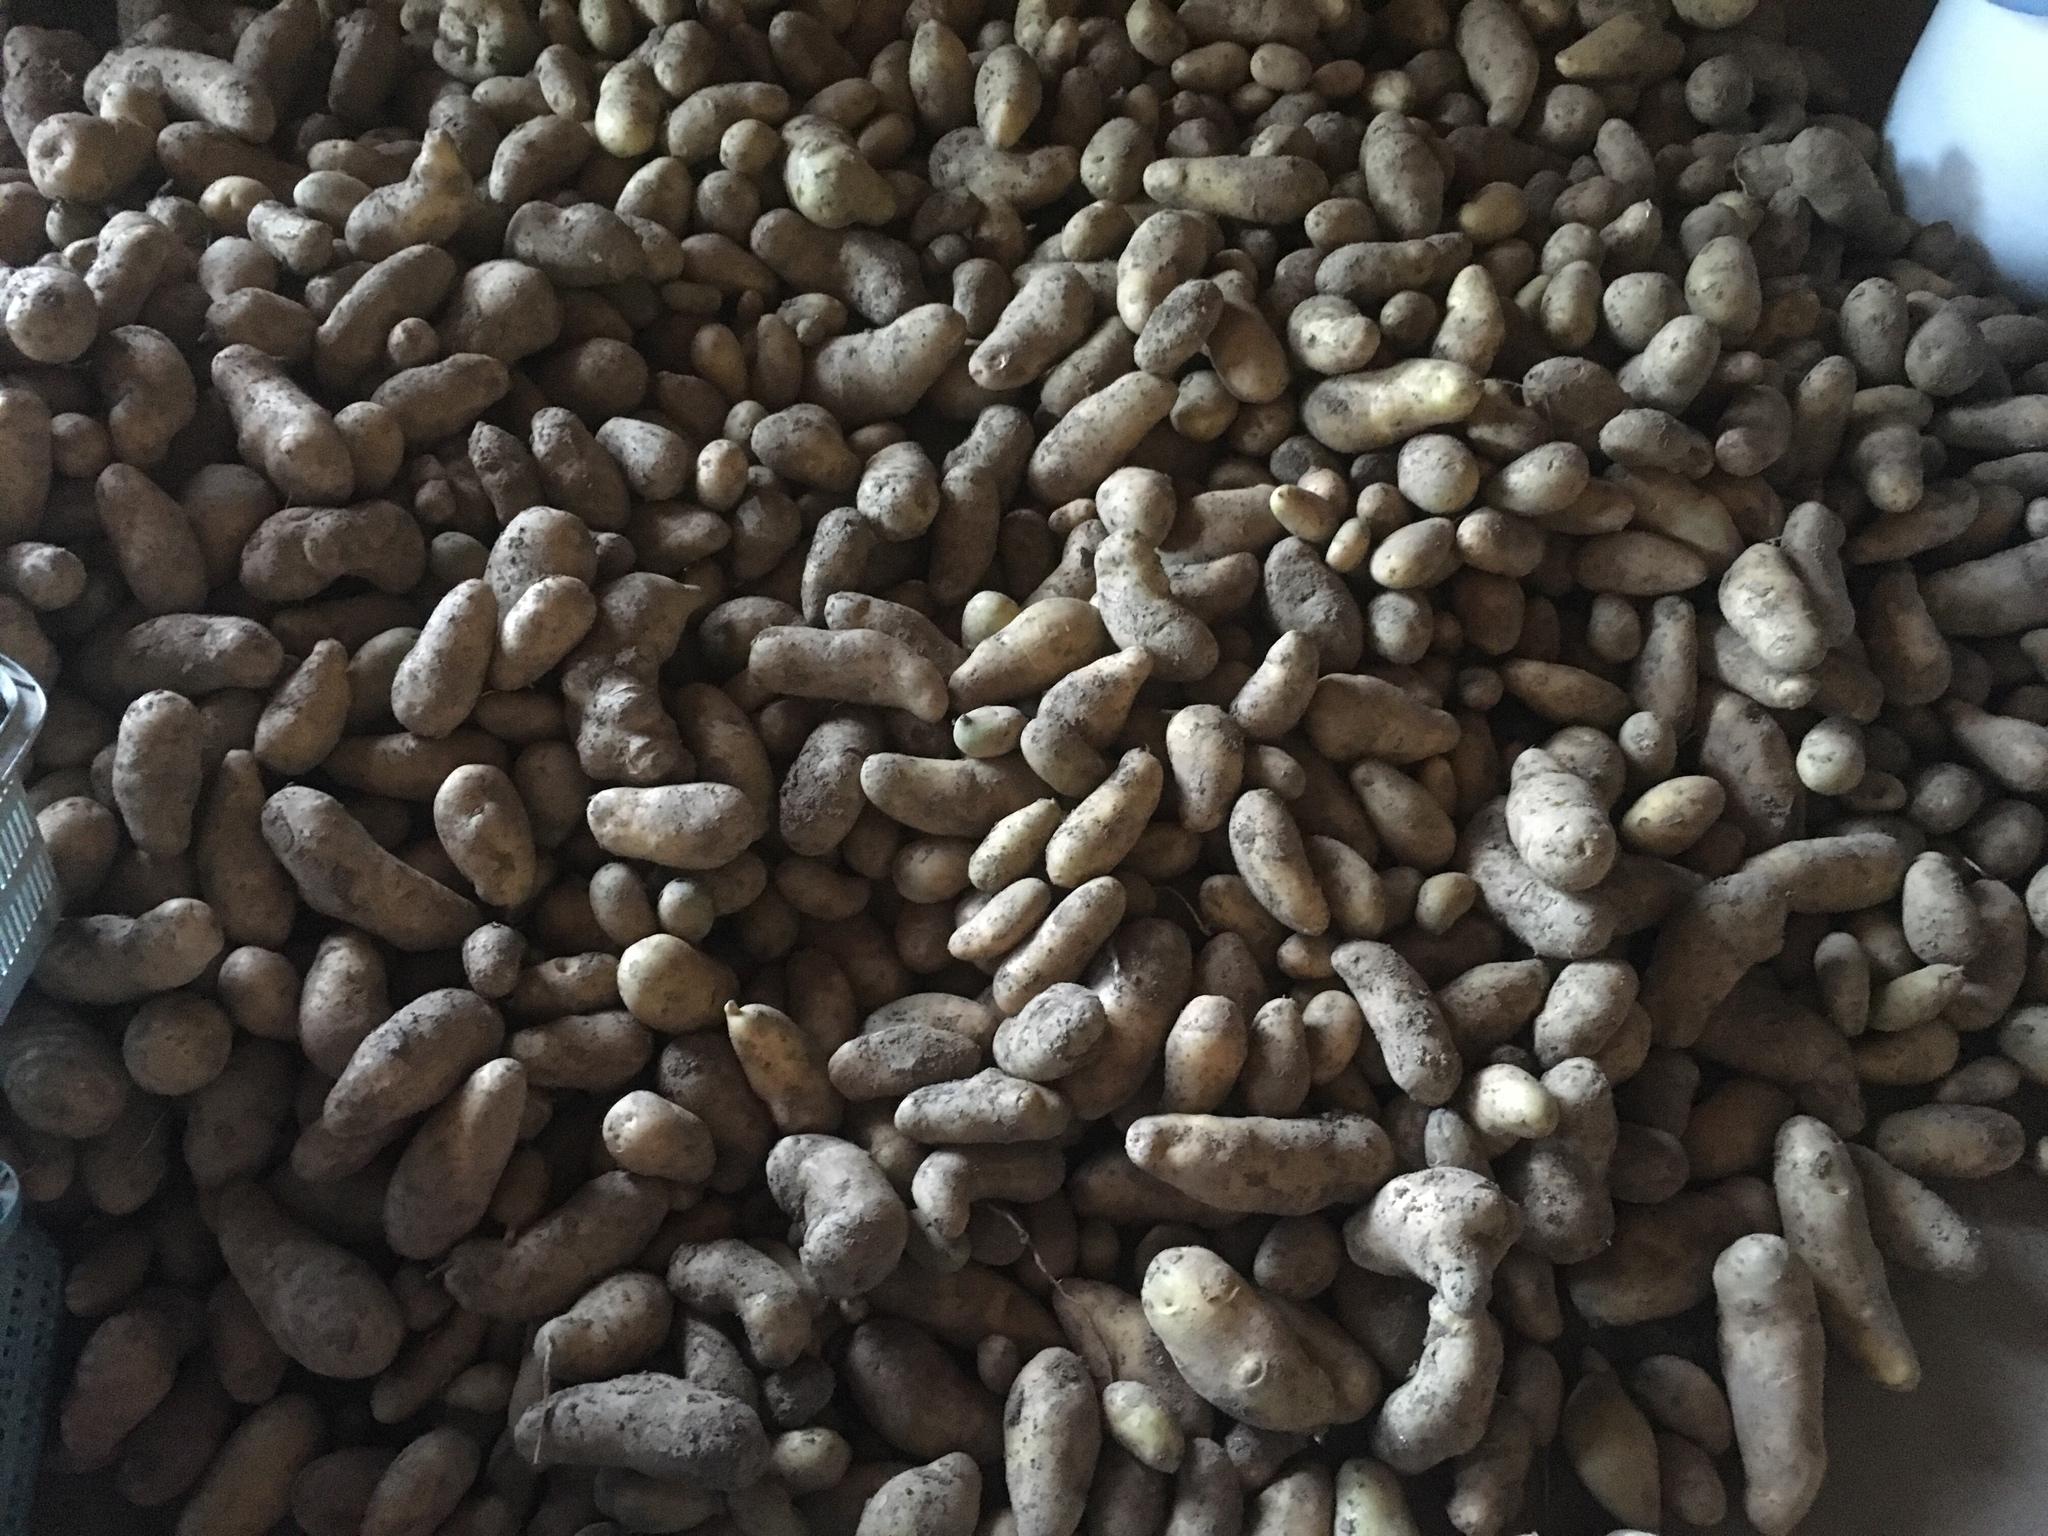 【画像】農家のワイのばあちゃんが作ったジャガイモがこちら